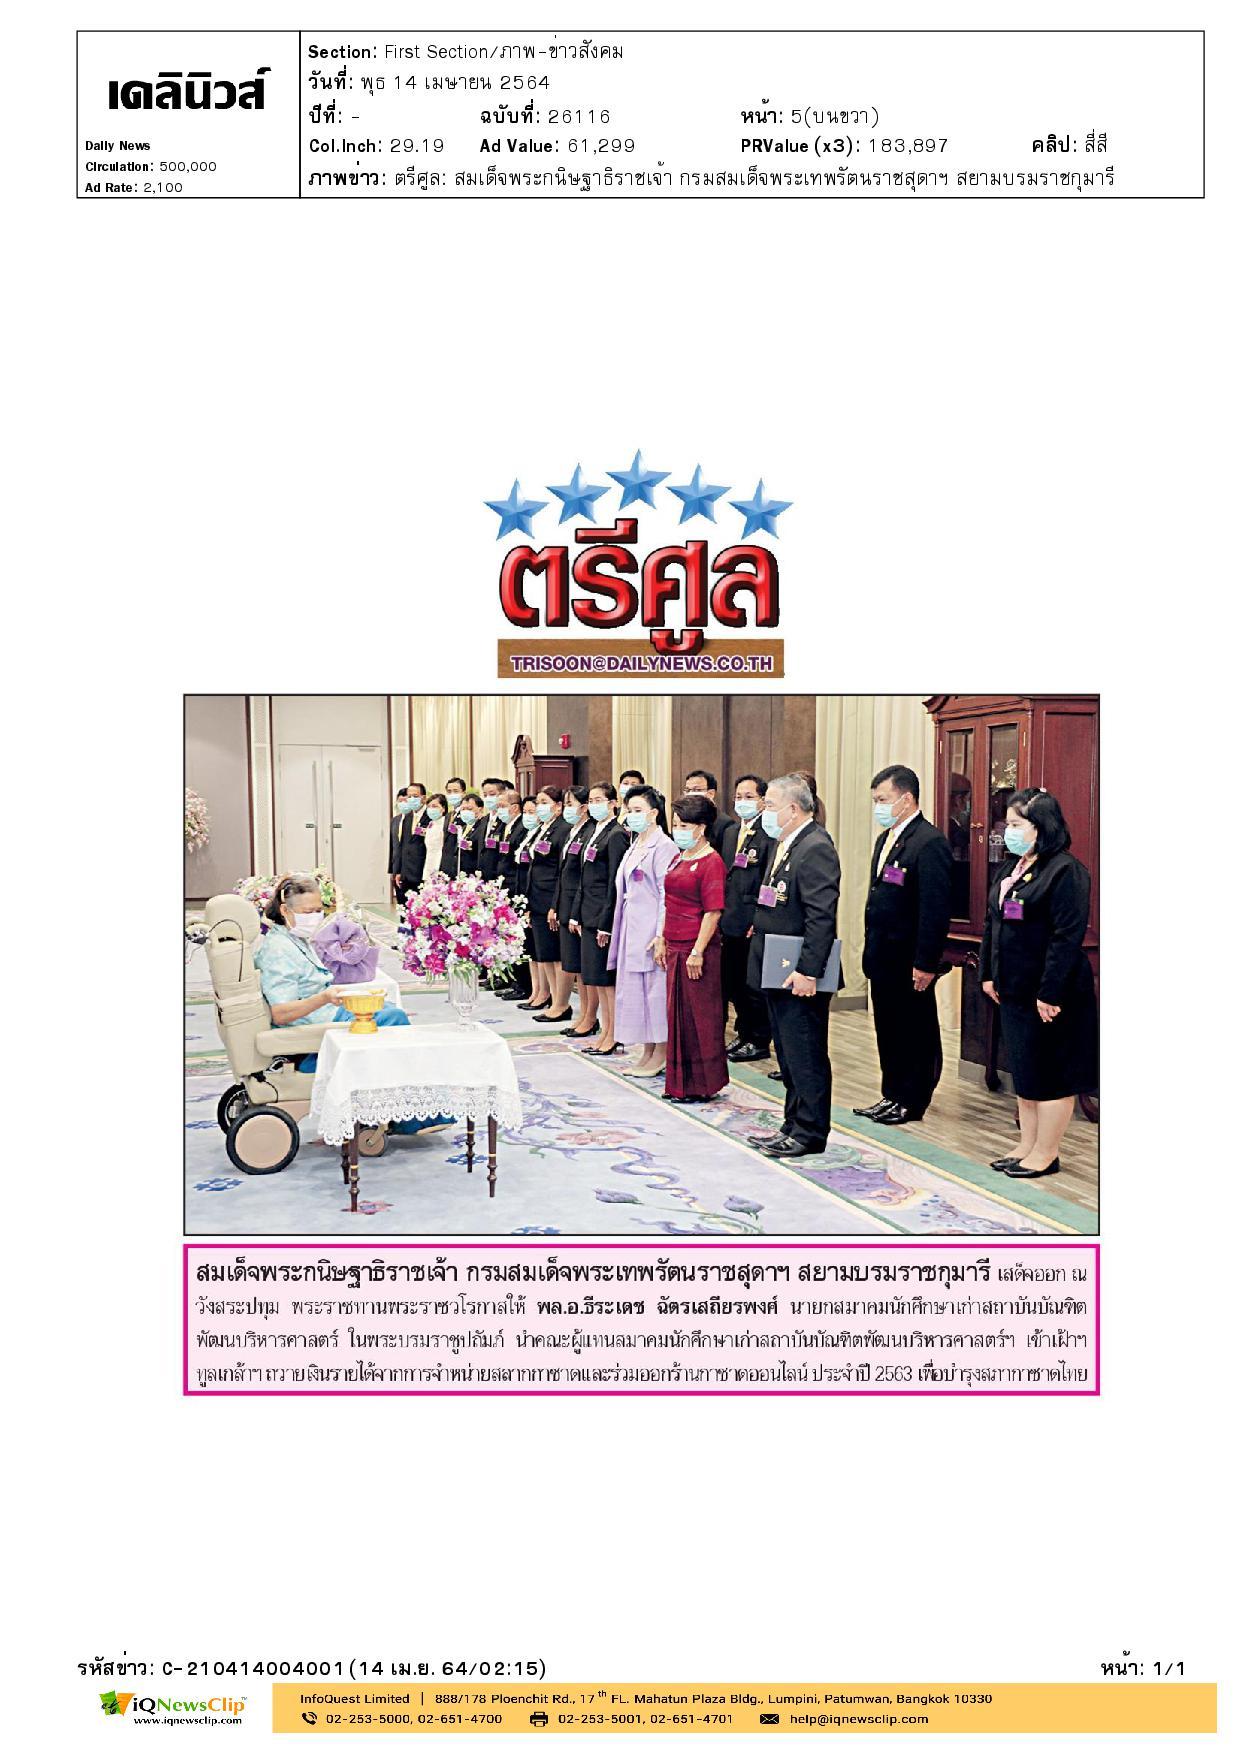 เฝ้าฯ ทูลเกล้าฯ ถวายเงินรายได้จากการจำหน่ายสลากกาชาด ปี 2563 เพื่อบำรุงสภากาชาดไทย